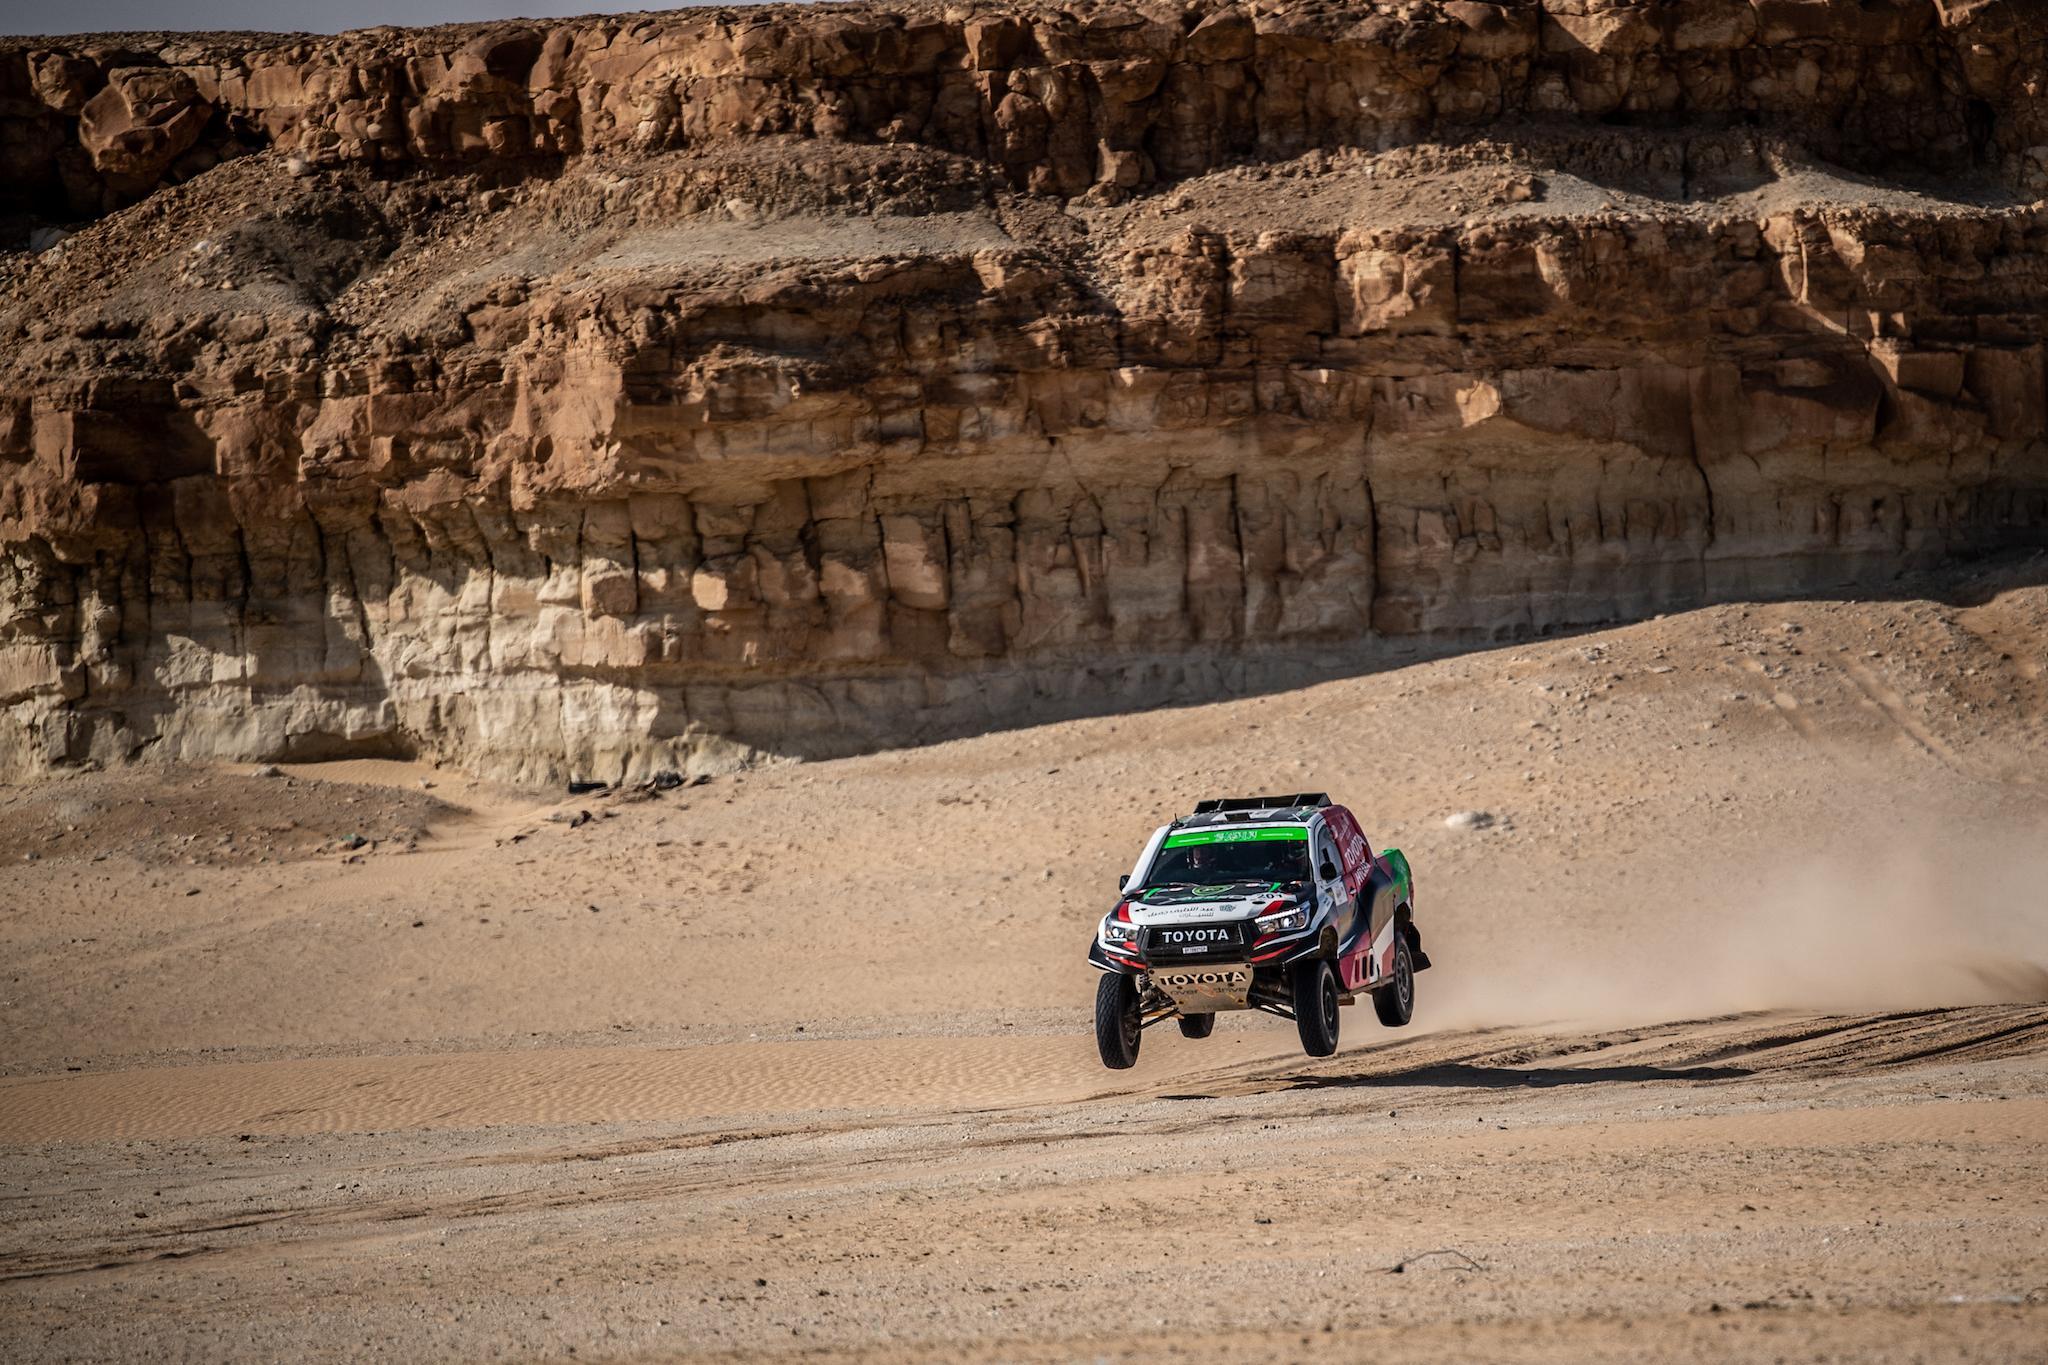 رالي الشرقية الصحراوي 2019